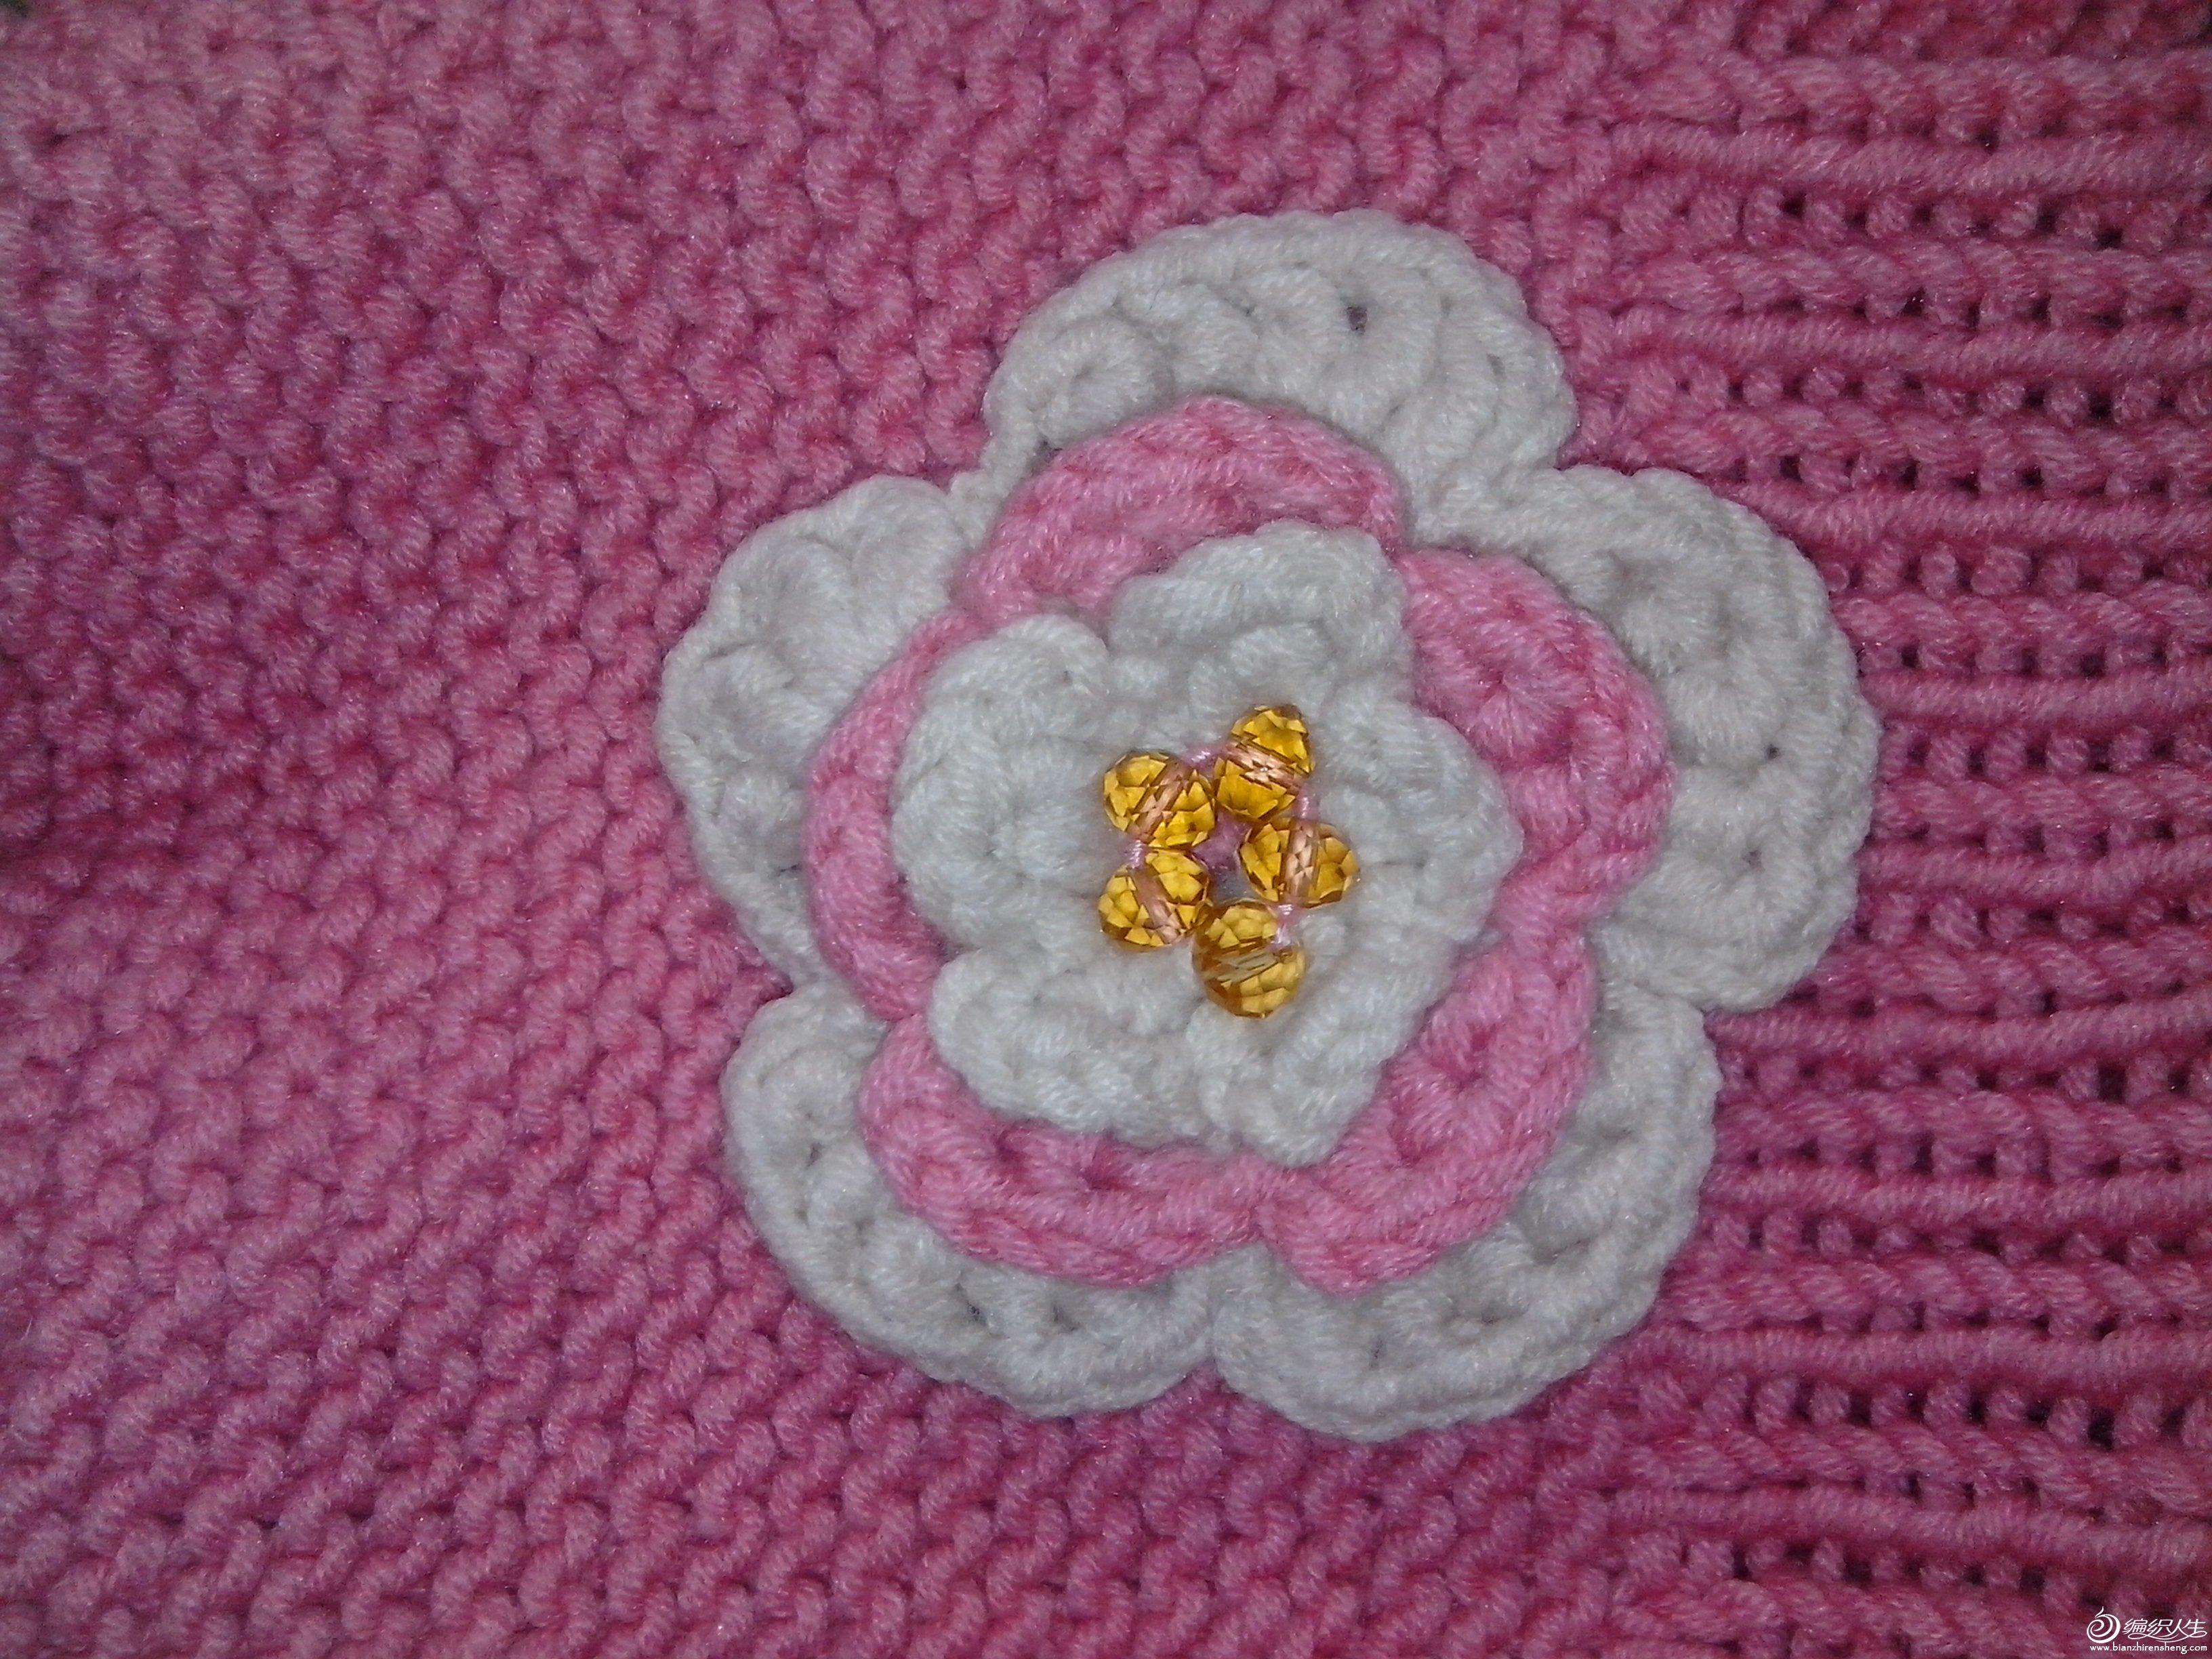 花朵特写,中间的珠子是淘宝上买衣服,卖家送的手链,我拆了,缝上去的